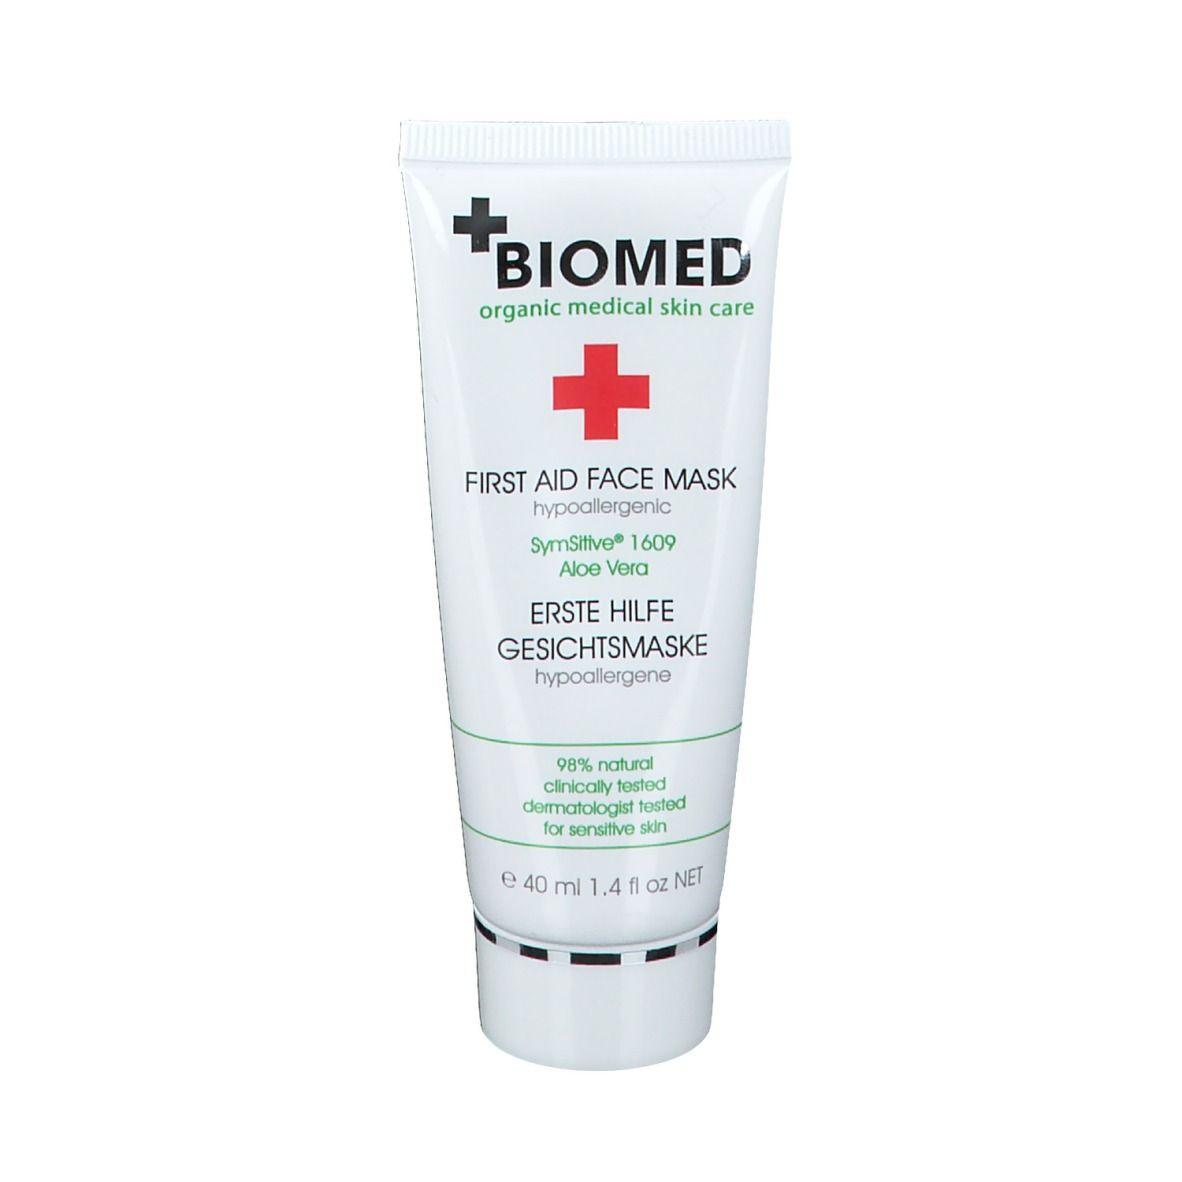 BIOMED Erste Hilfe hypoallergene Gesichtsmaske